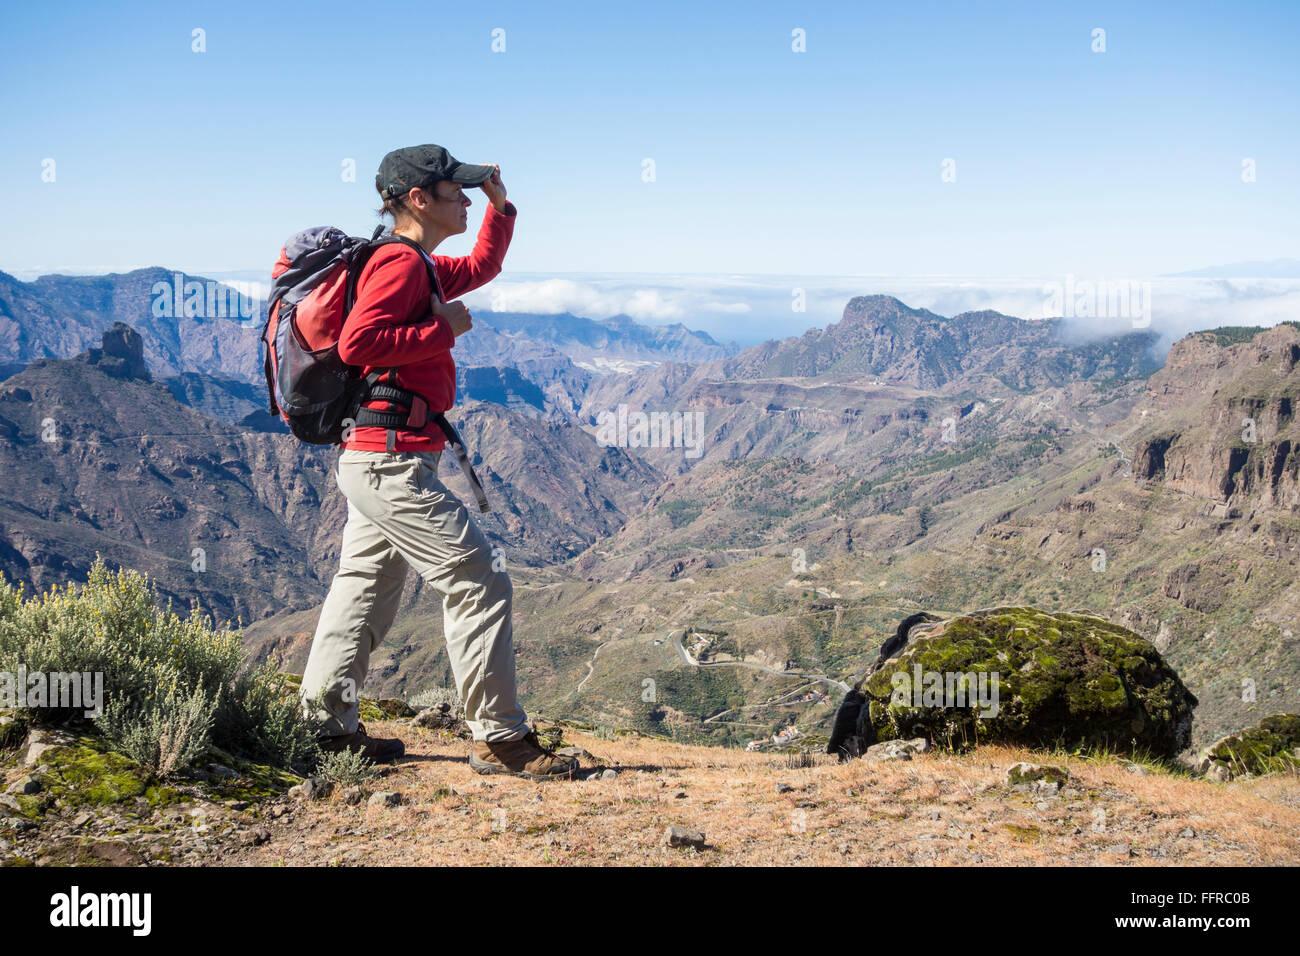 Weibliche Wanderer auf Bergwanderweg mit Blick auf Tejeda Krater auf Gran Canaria, Kanarische Inseln, Spanien. Stockbild